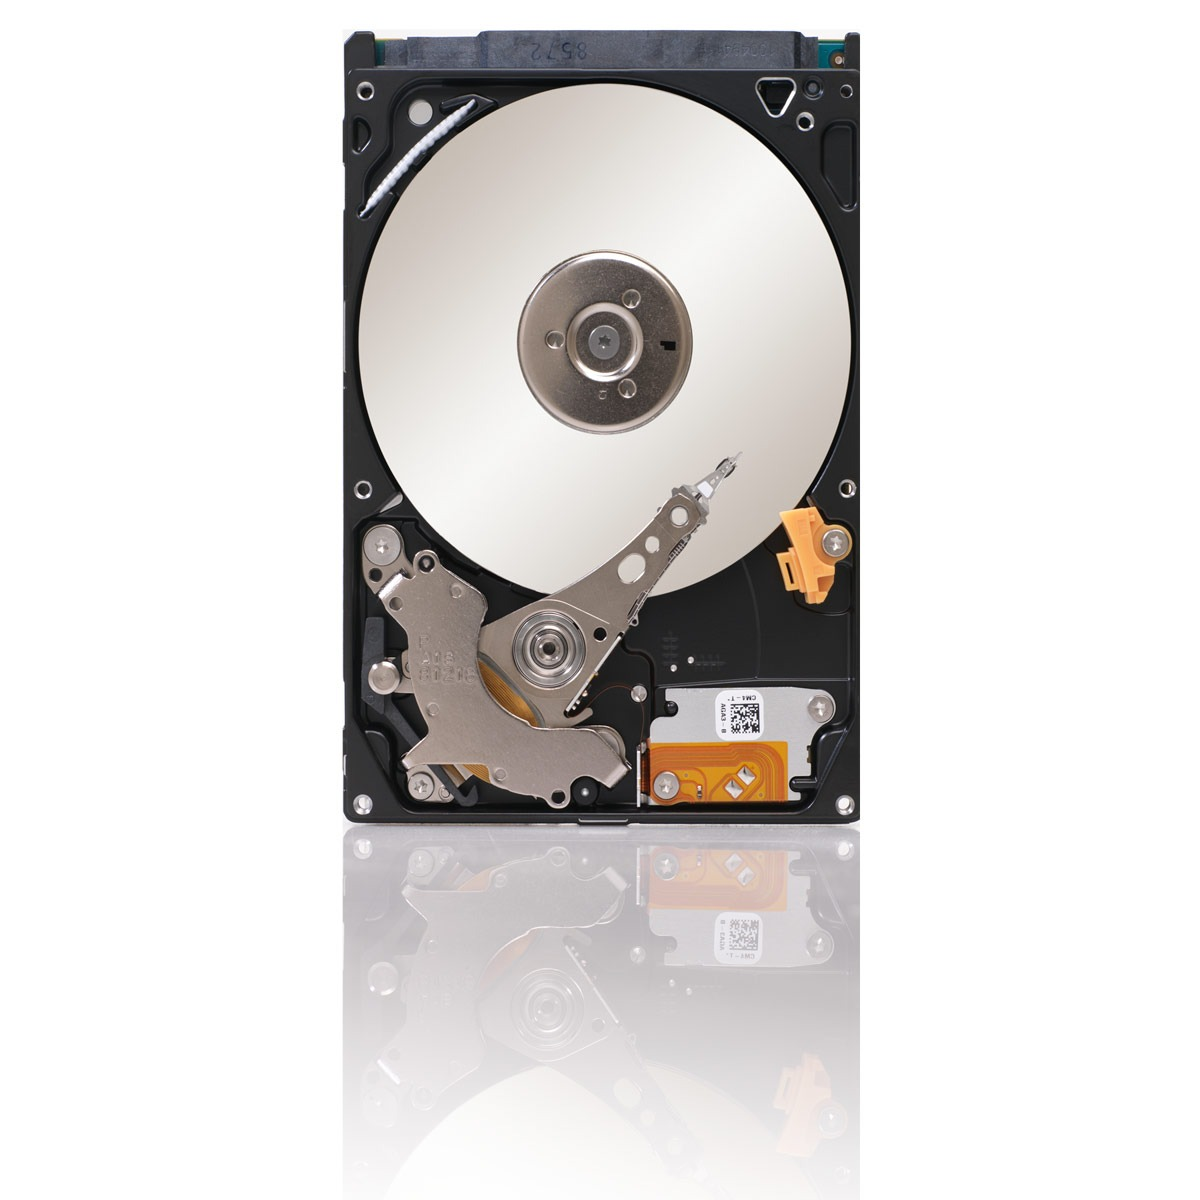 """Disque dur interne Seagate Momentus 7200.4 - 500 GB G-Force Protection Seagate Momentus 7200.4 G-Force Protection - 500 Go 2""""1/2 7200 RPM 16 Mo Serial ATA II (bulk)"""